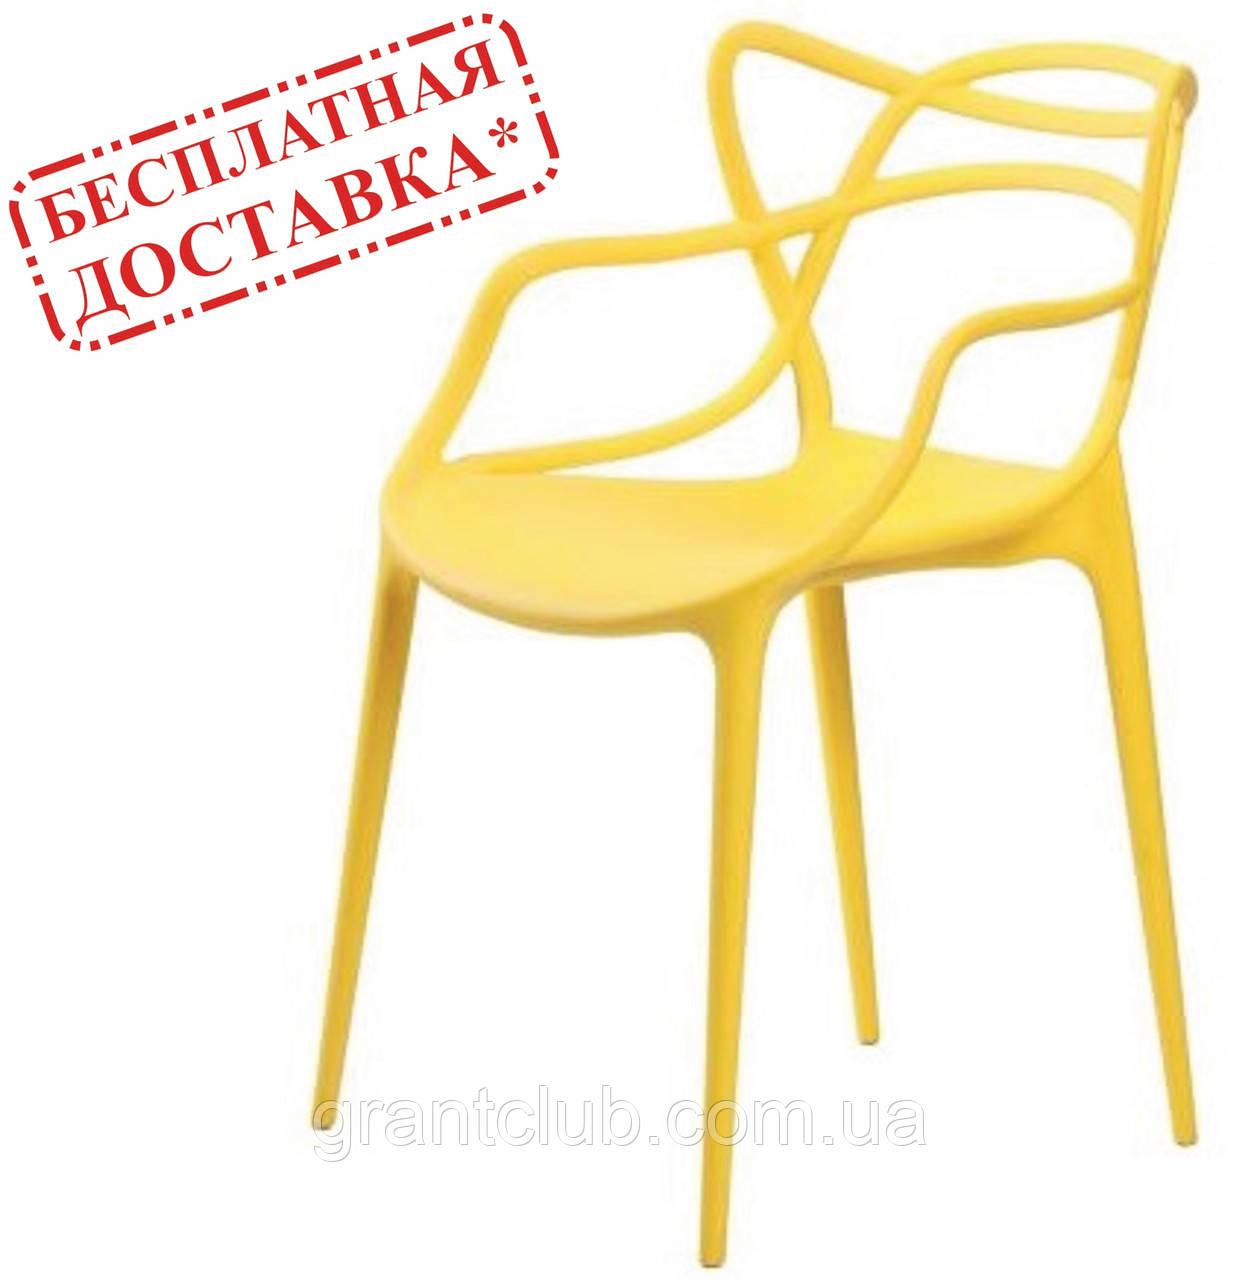 Стілець Мастерс жовтий пластик СДМ група (безкоштовна доставка)